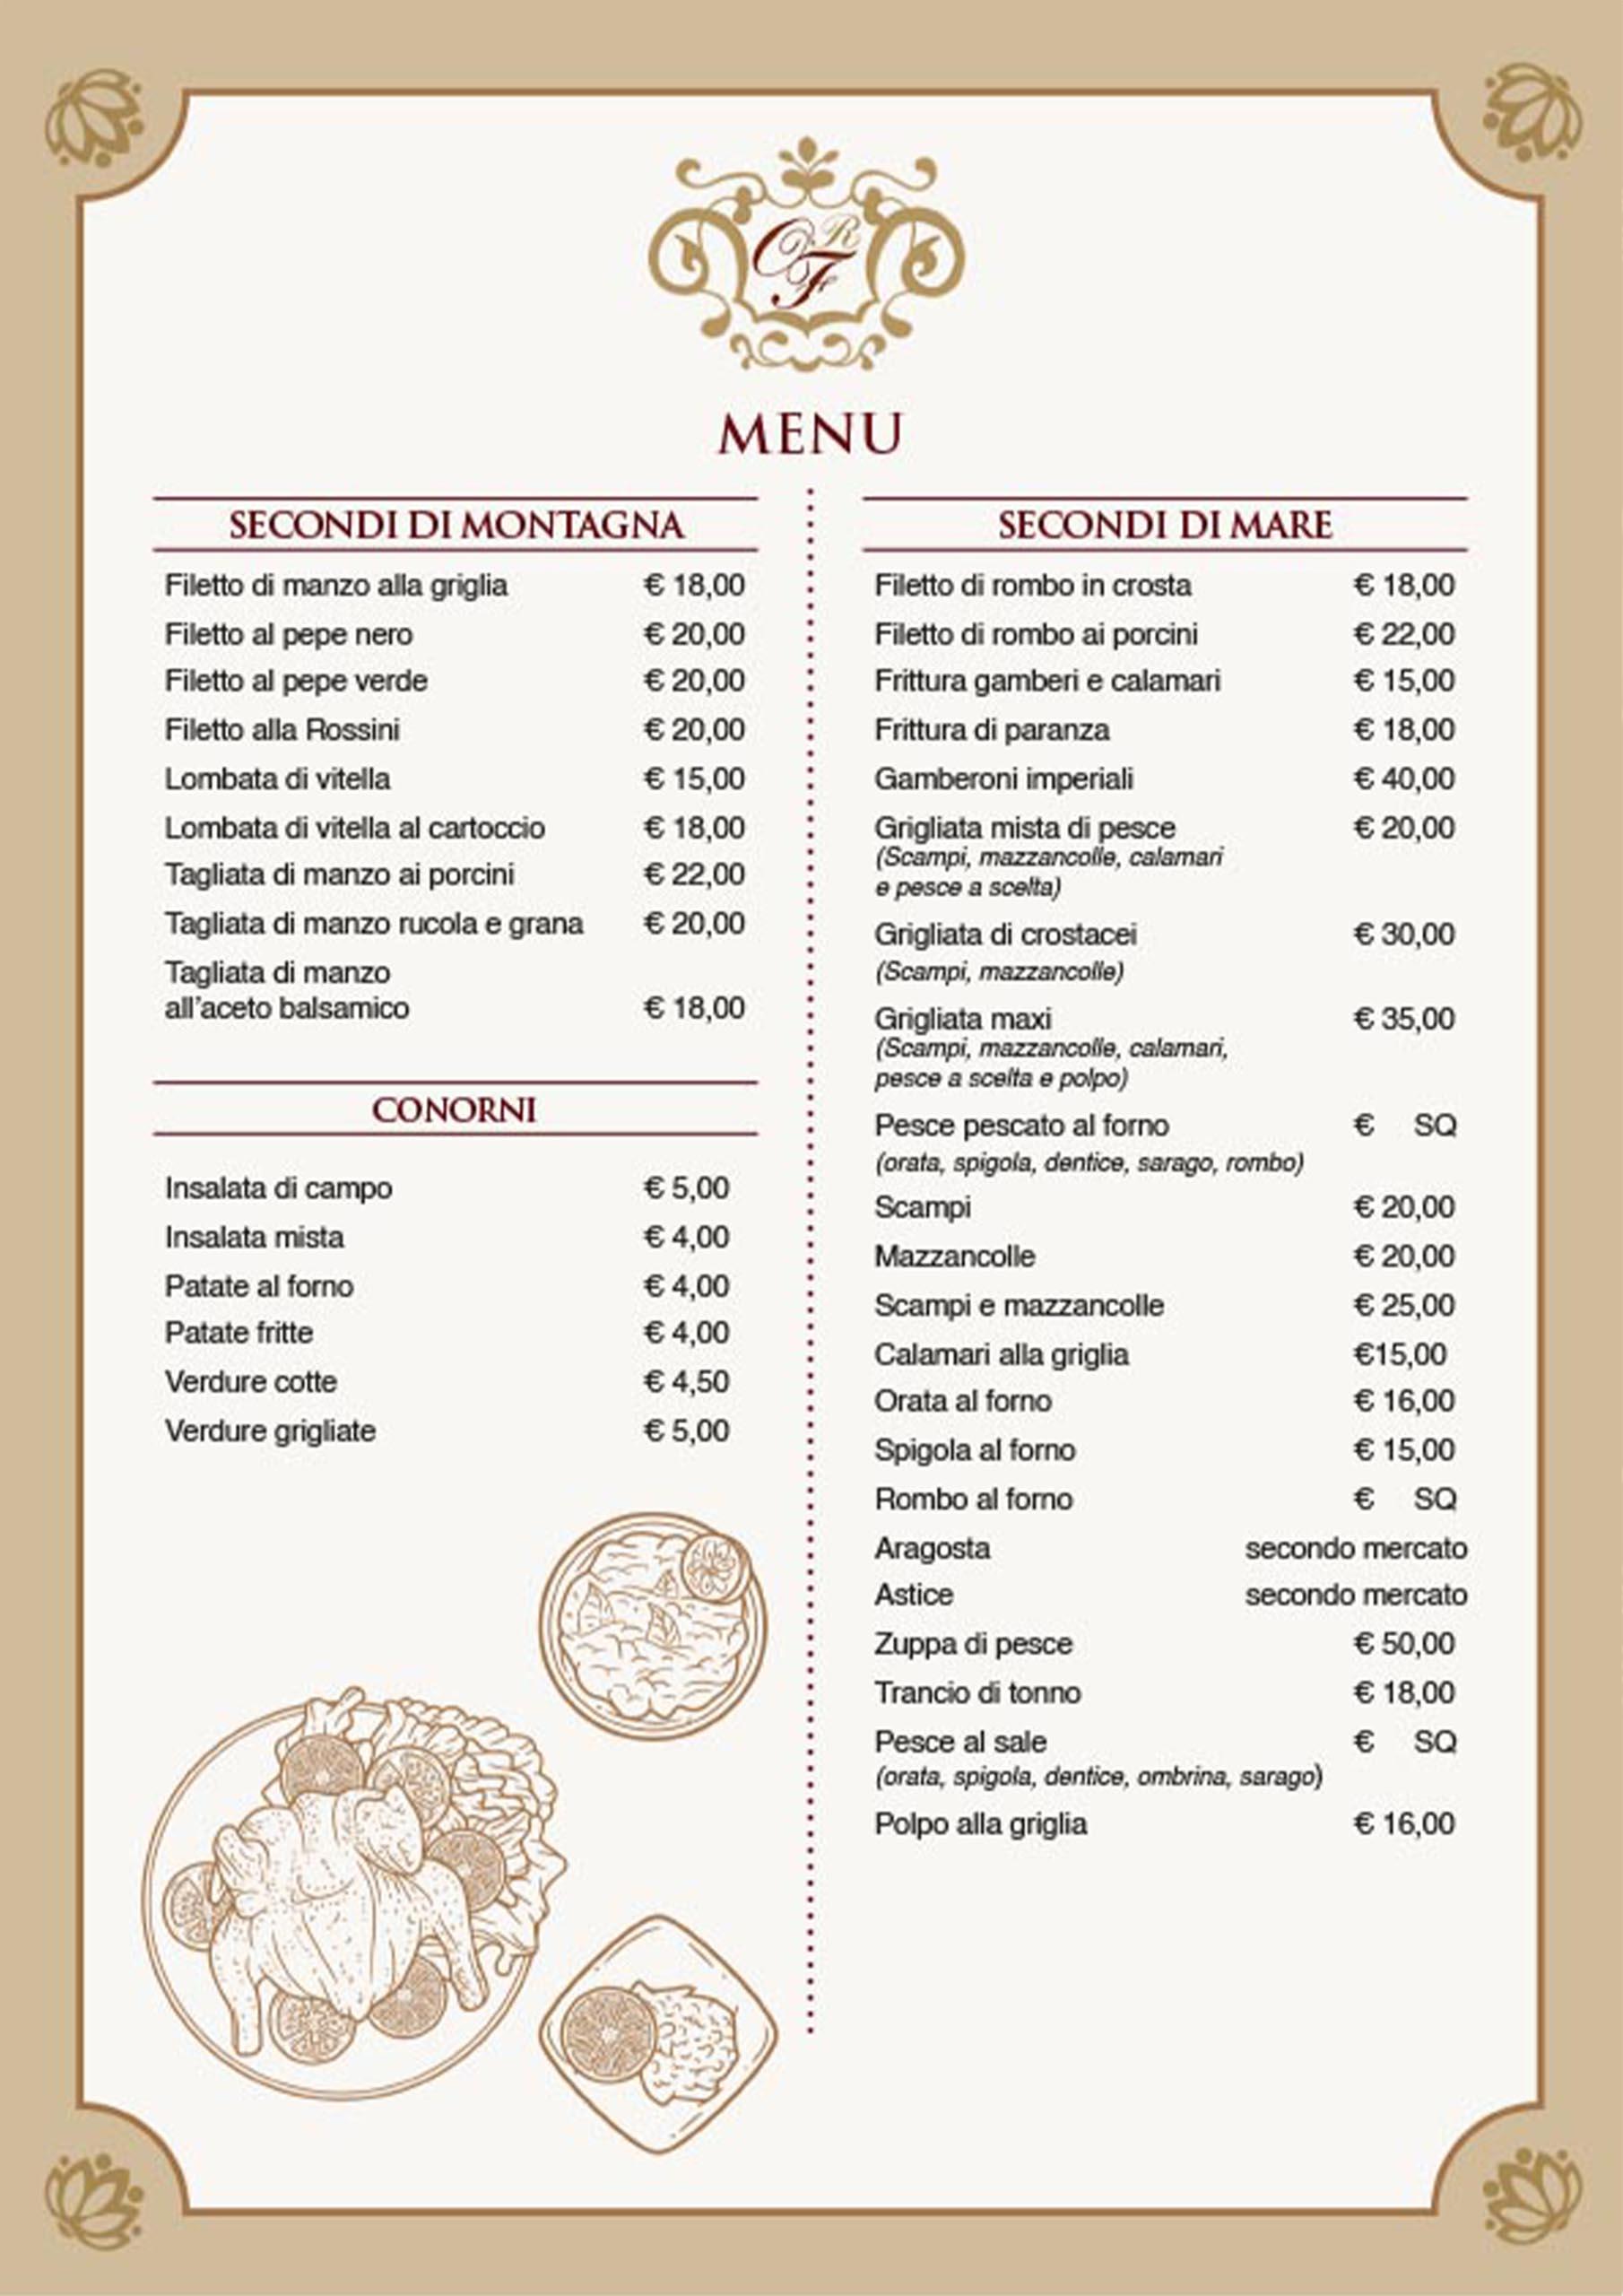 oasi_ristorante_menu_intero_luglio_2020_2